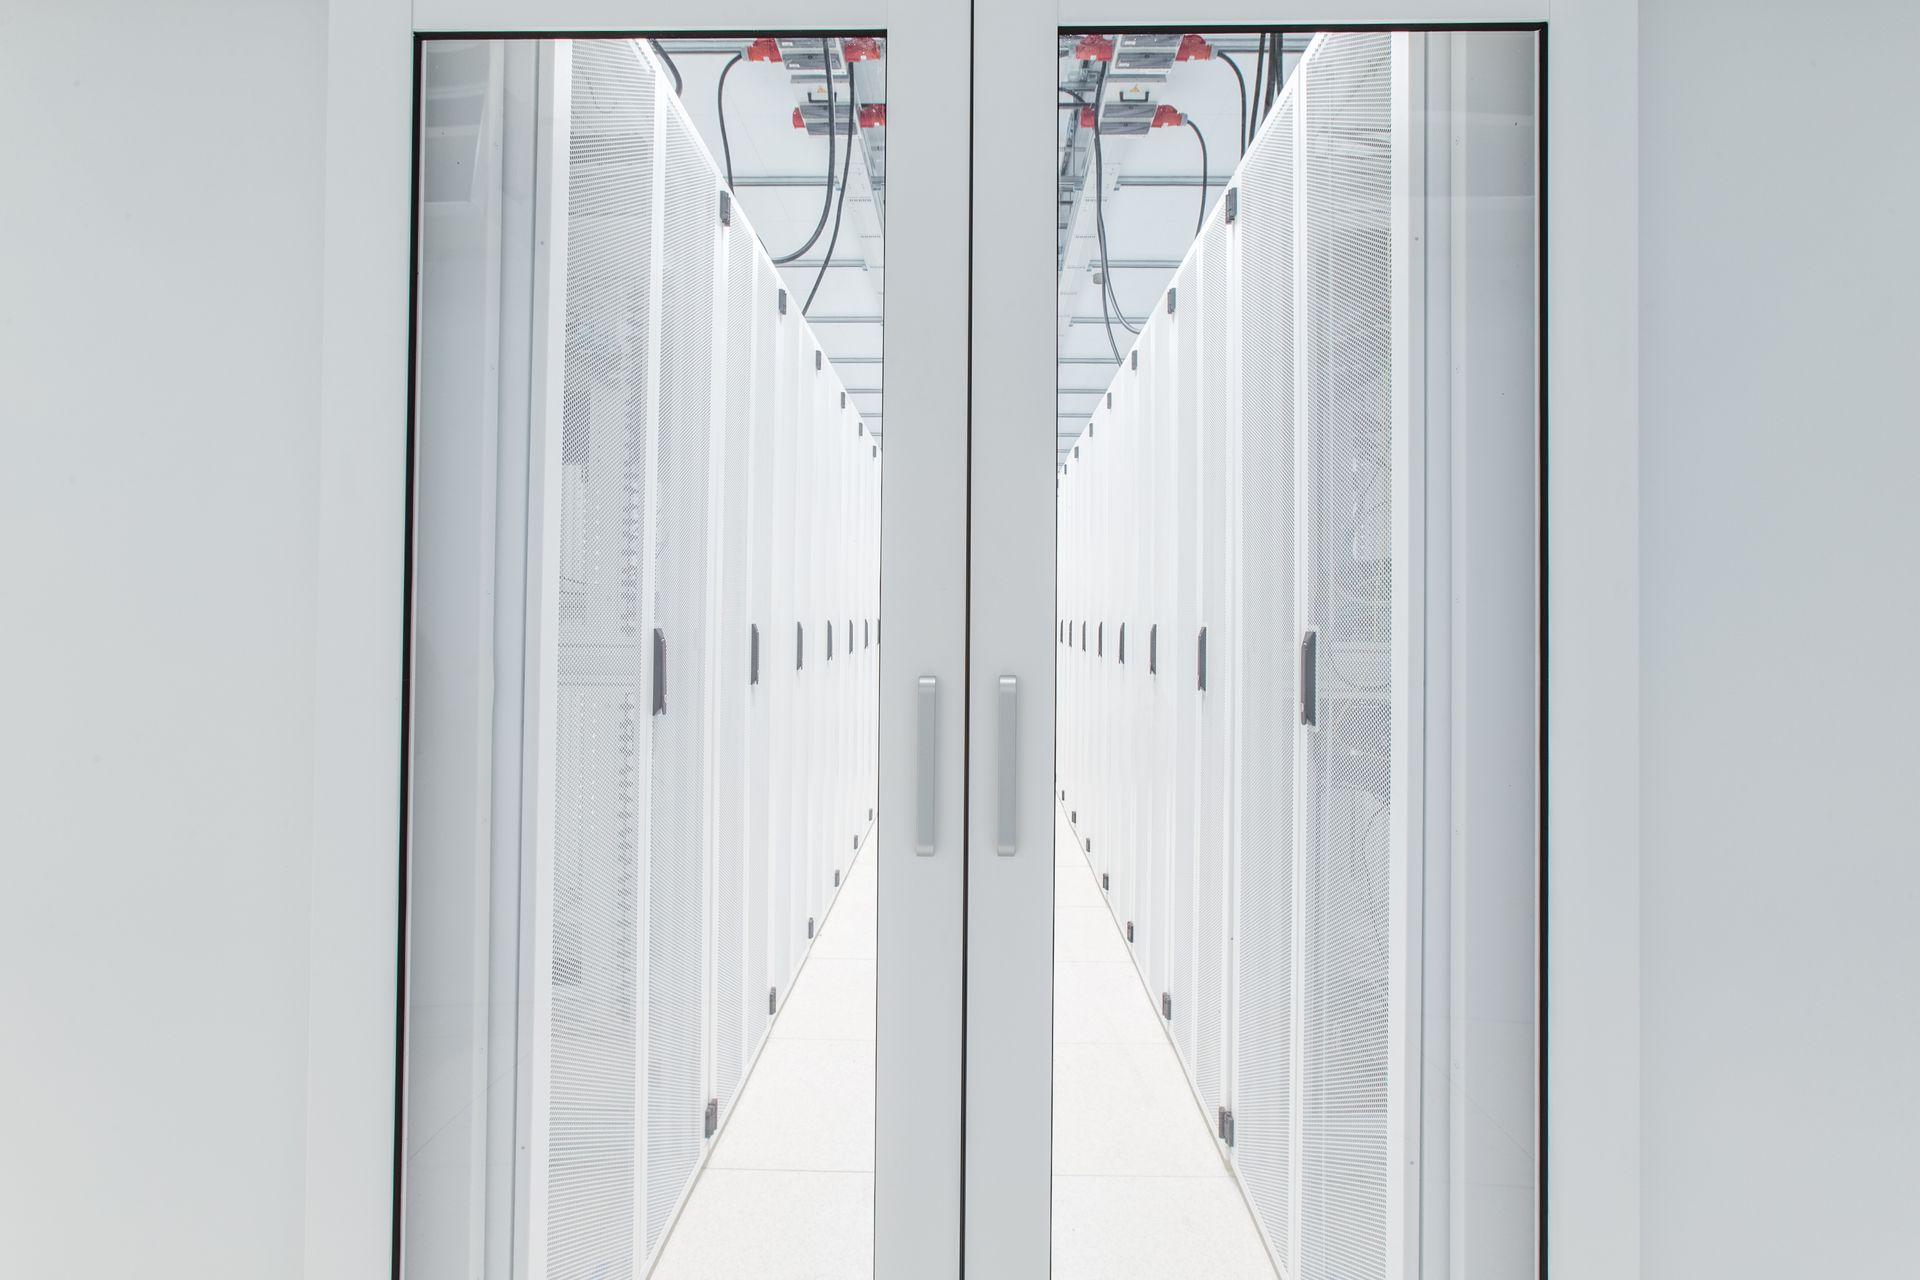 ANNONSE: Norges mest moderne datasenter bygges rett utenfor Oslo